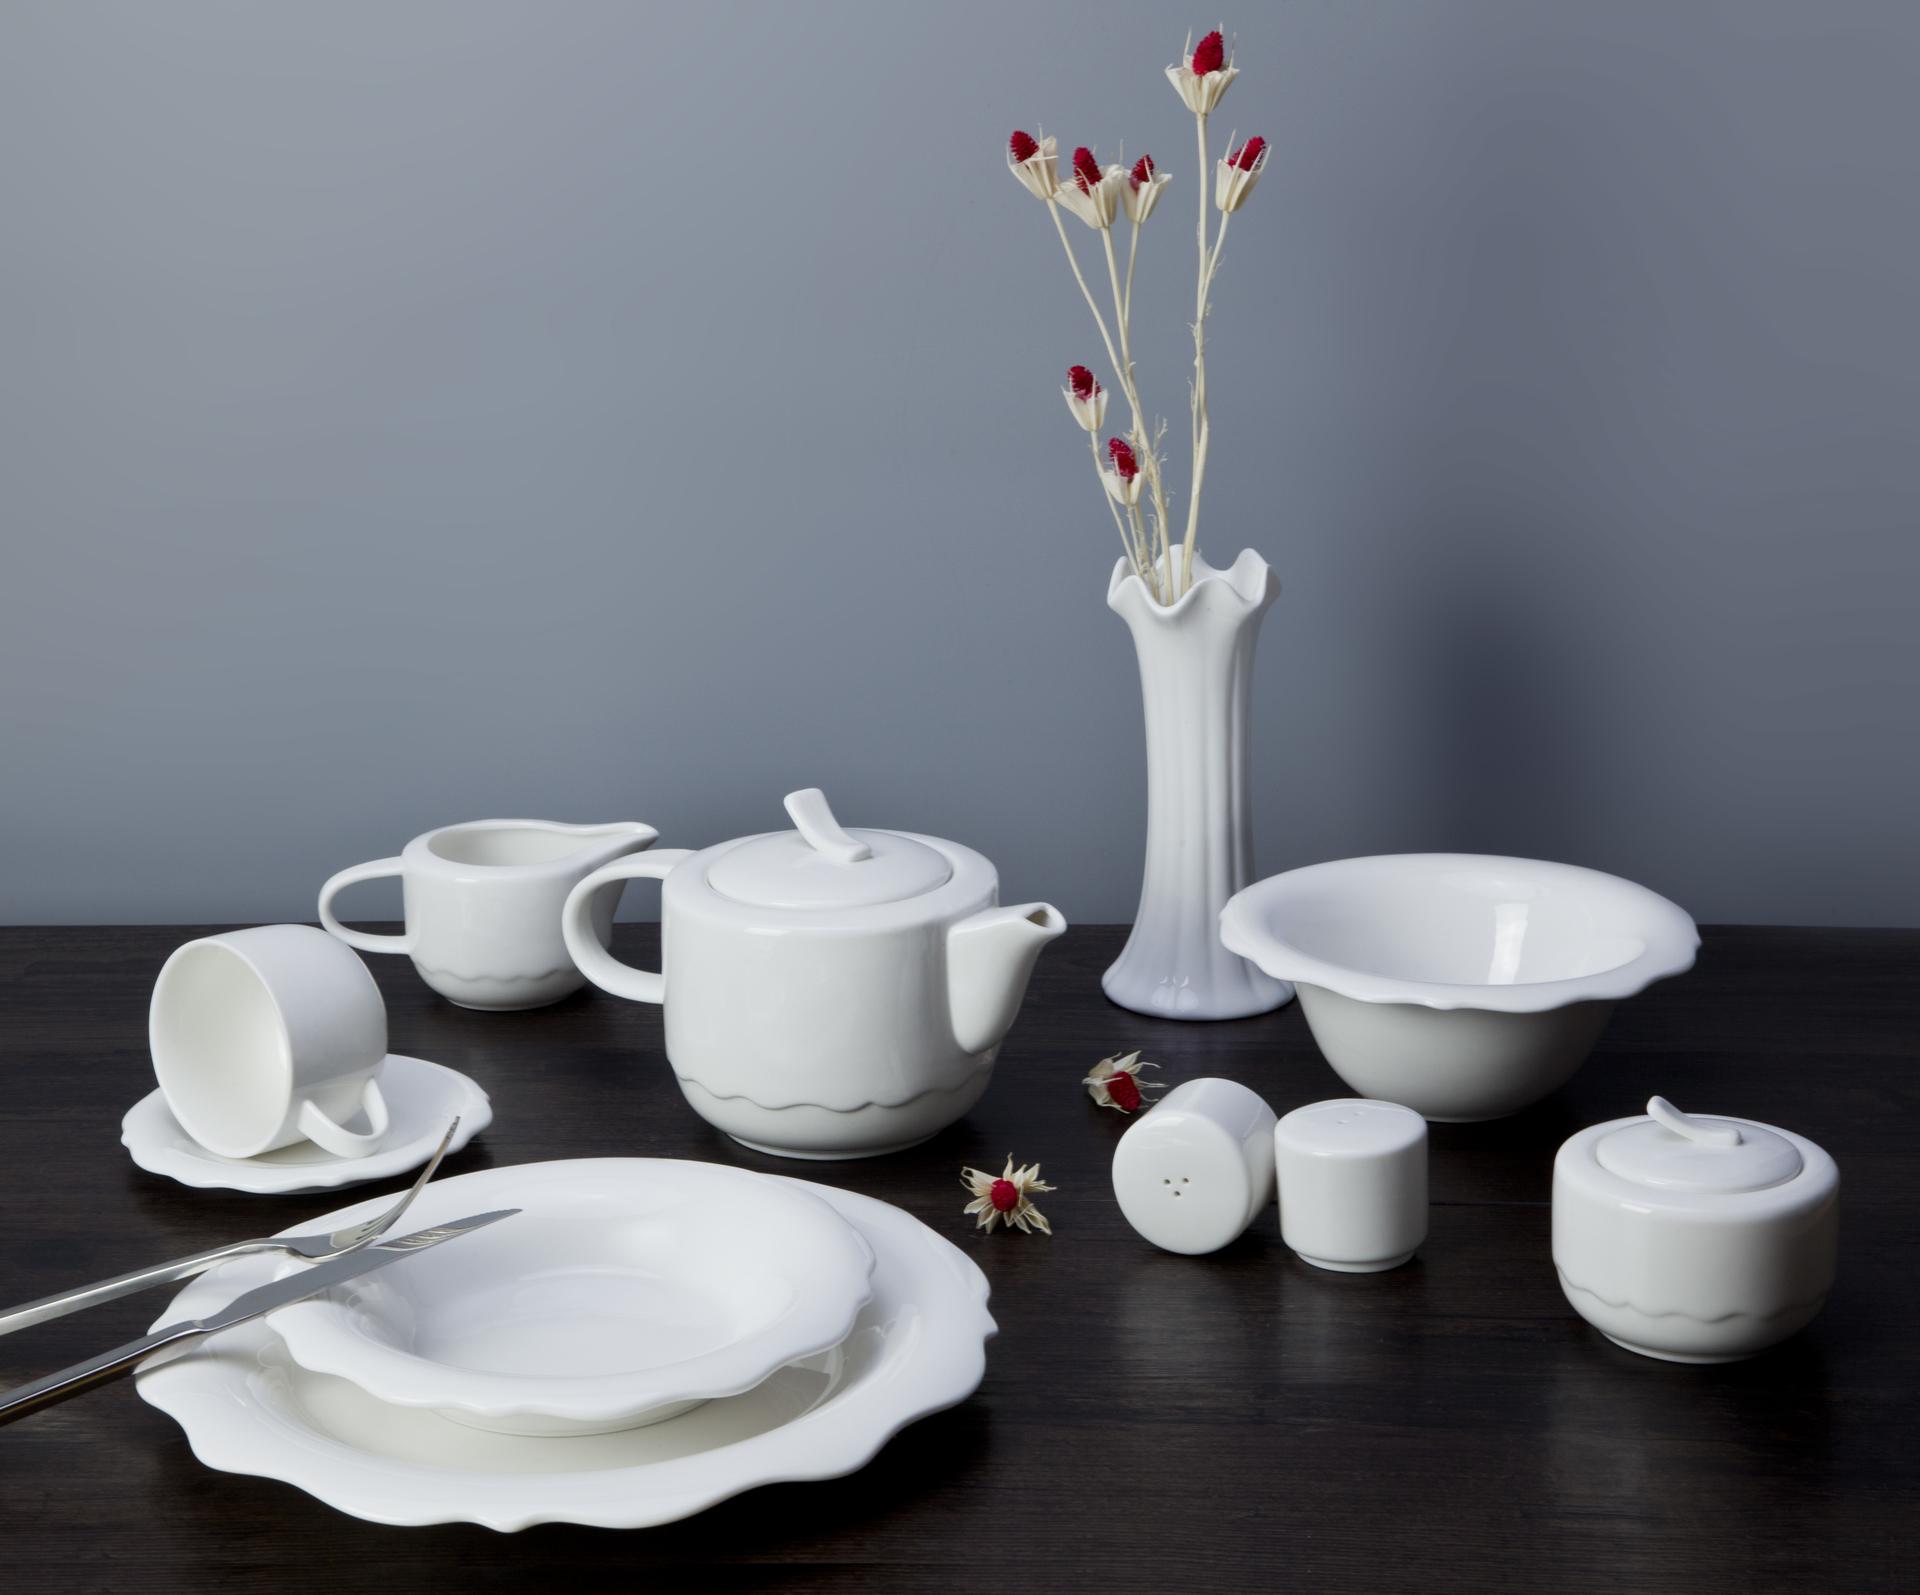 elegant dinnerware white porcleian tableware hotel restaurant dinning table set